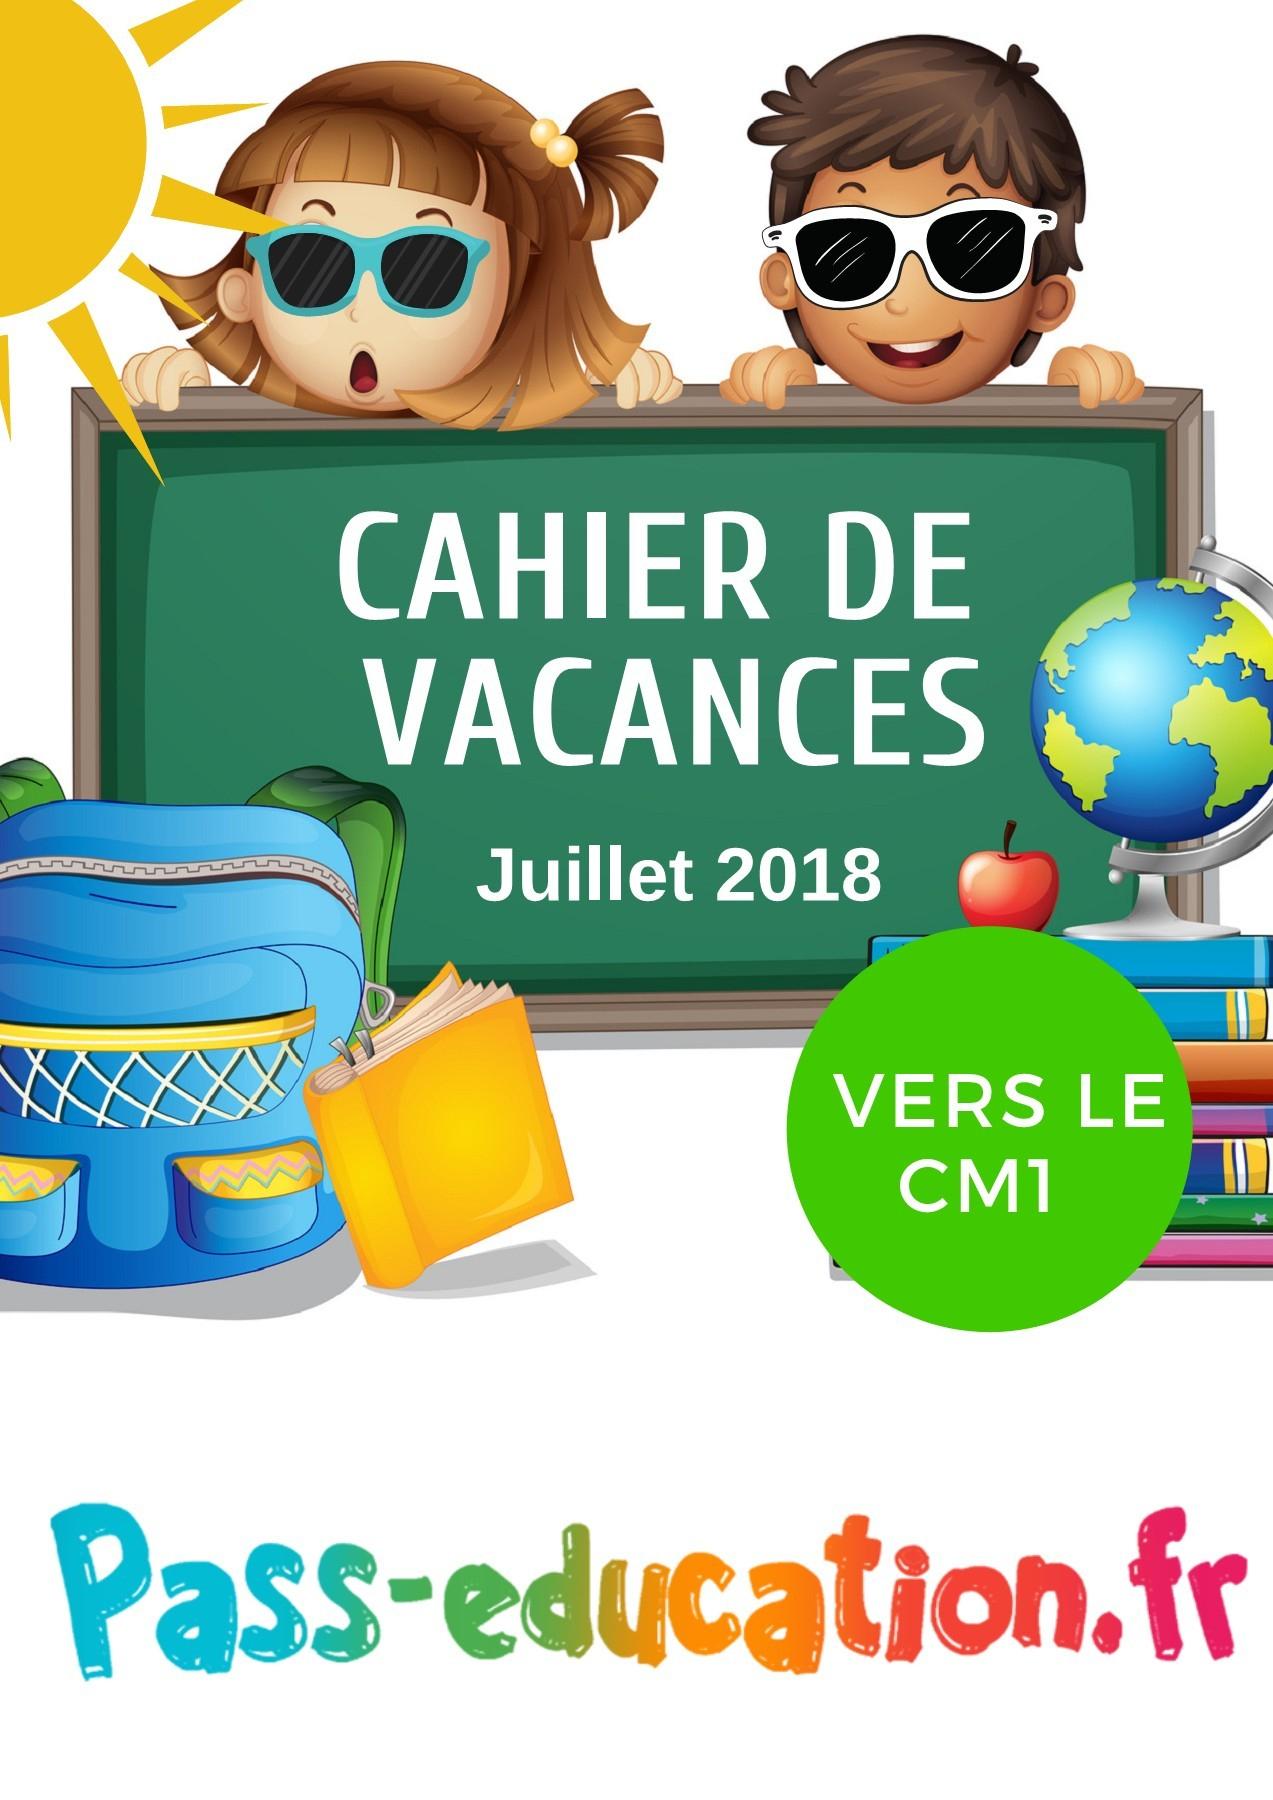 Cahier De Vacances Gratuit À Imprimer - Ce2 Vers Le Cm1 destiné Cahier De Vacances Maternelle Pdf